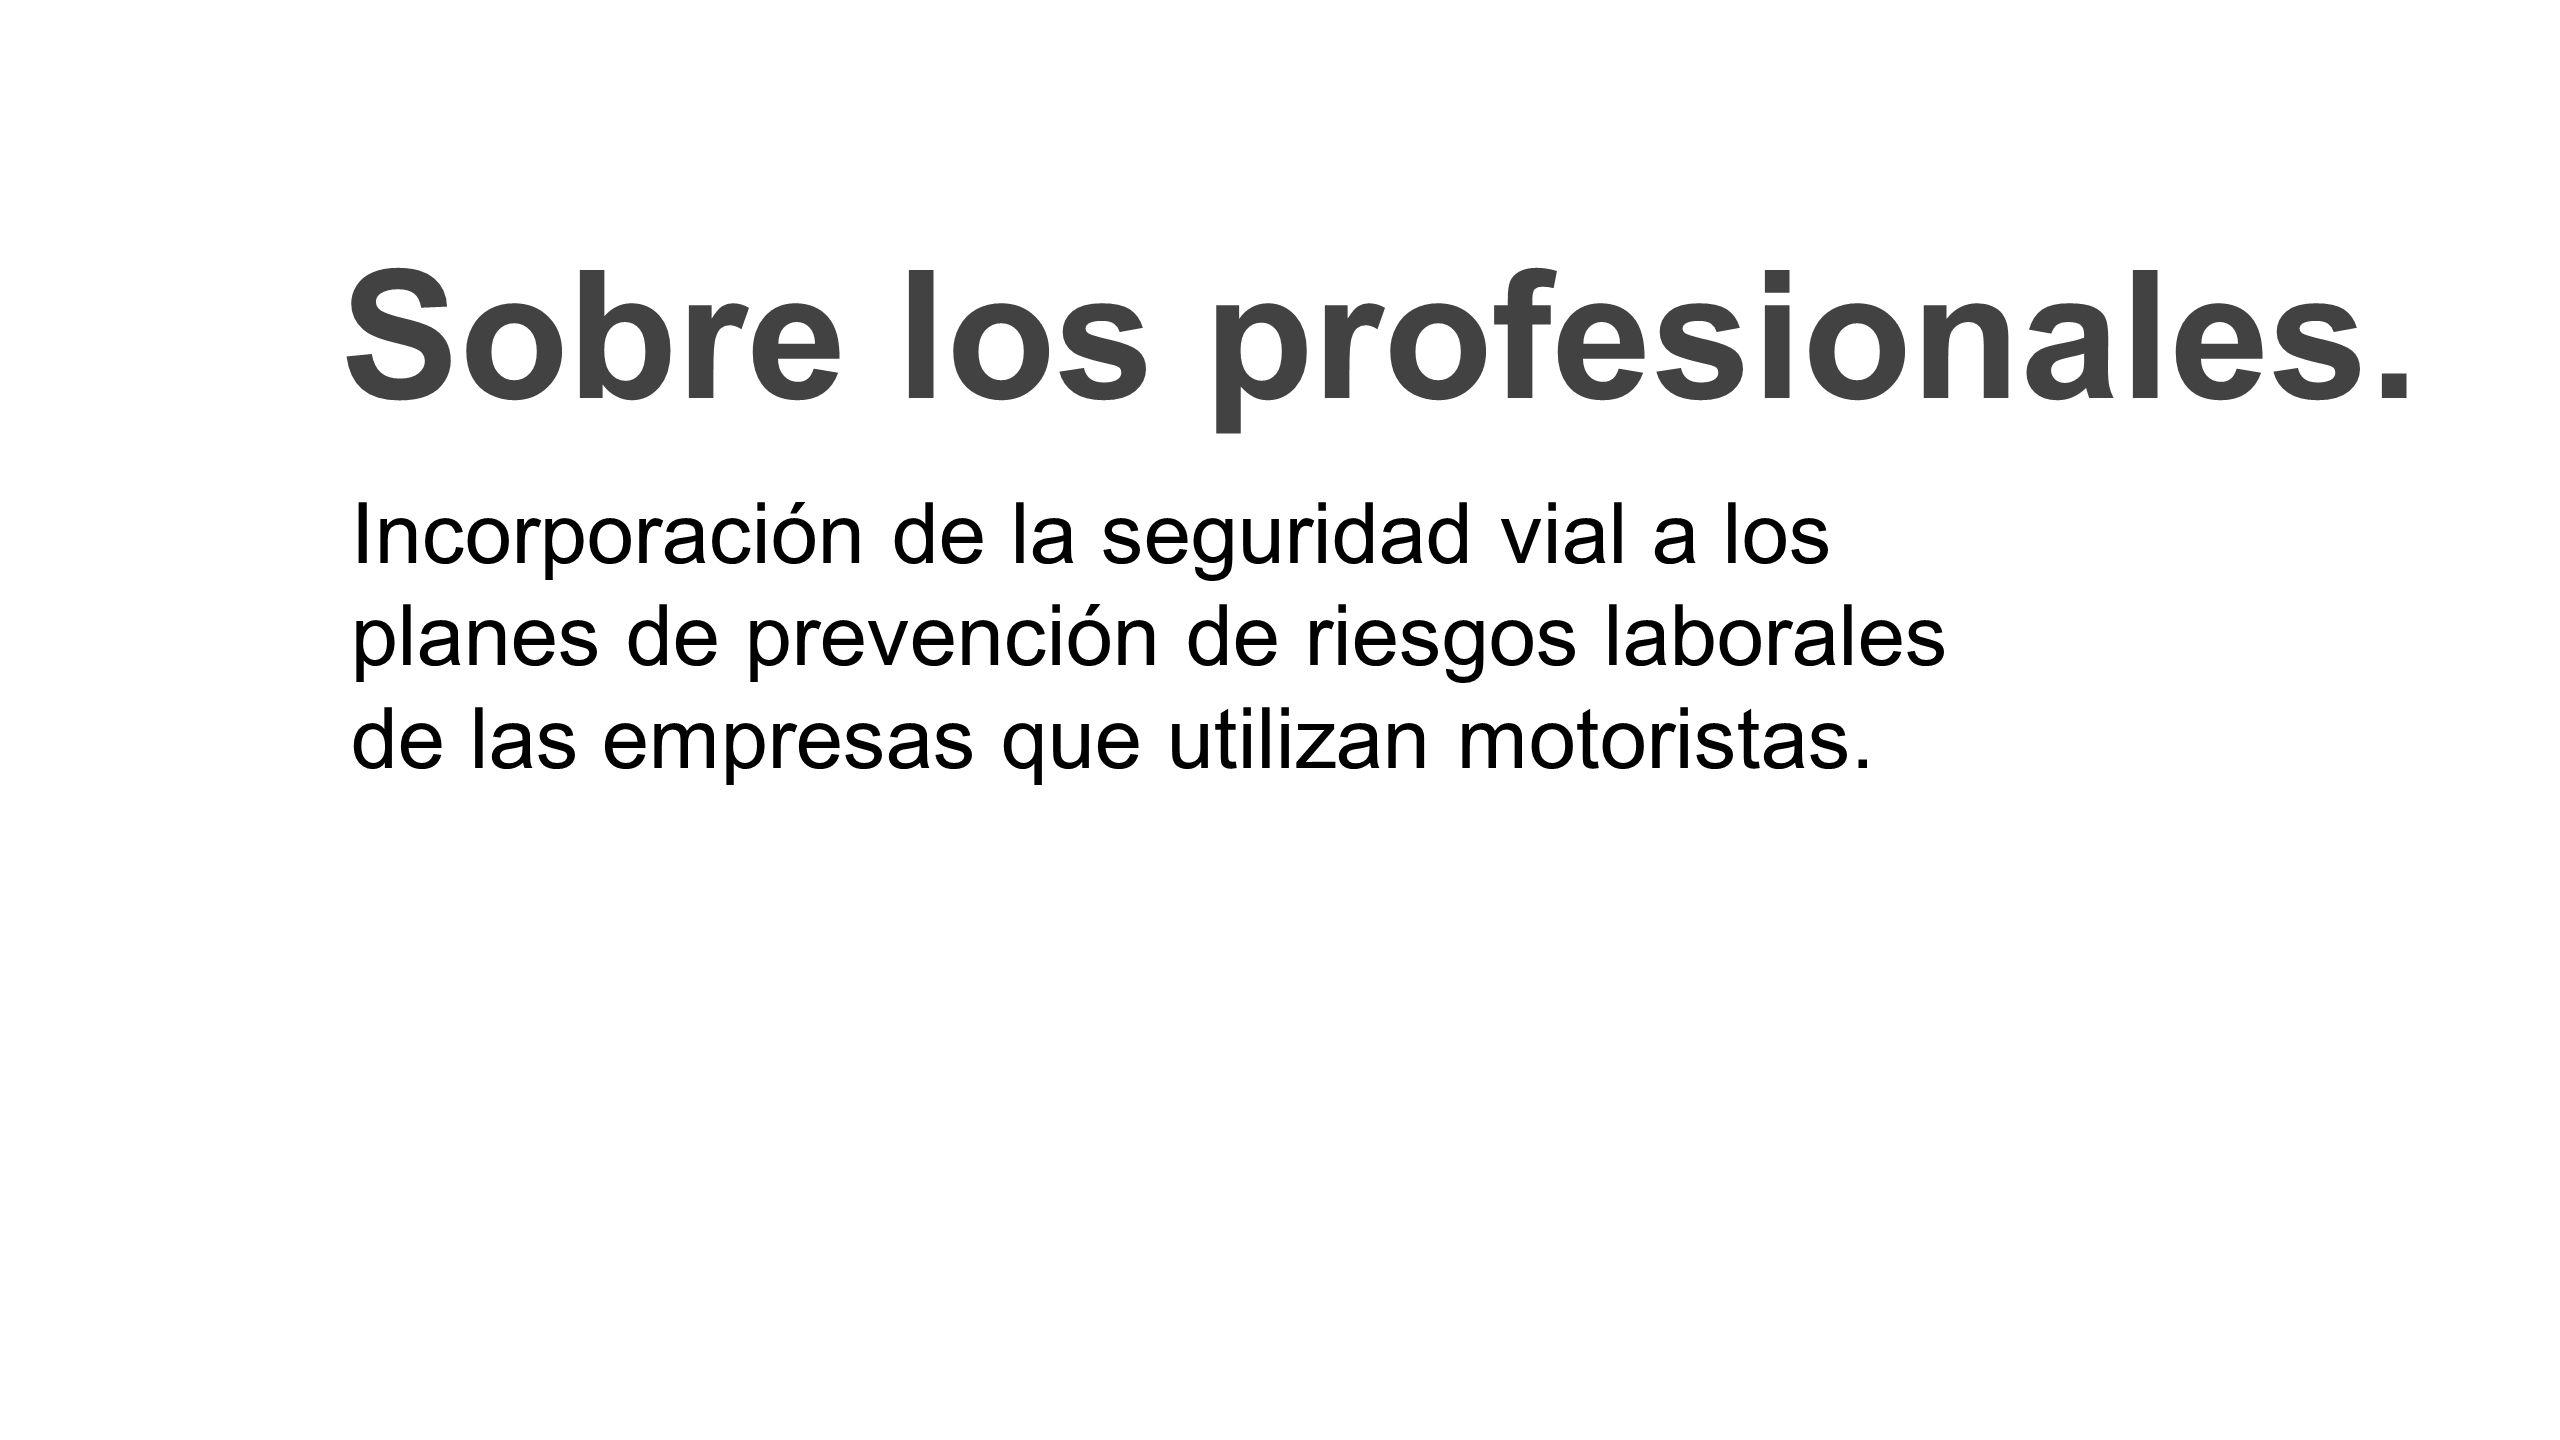 Sobre los profesionales.